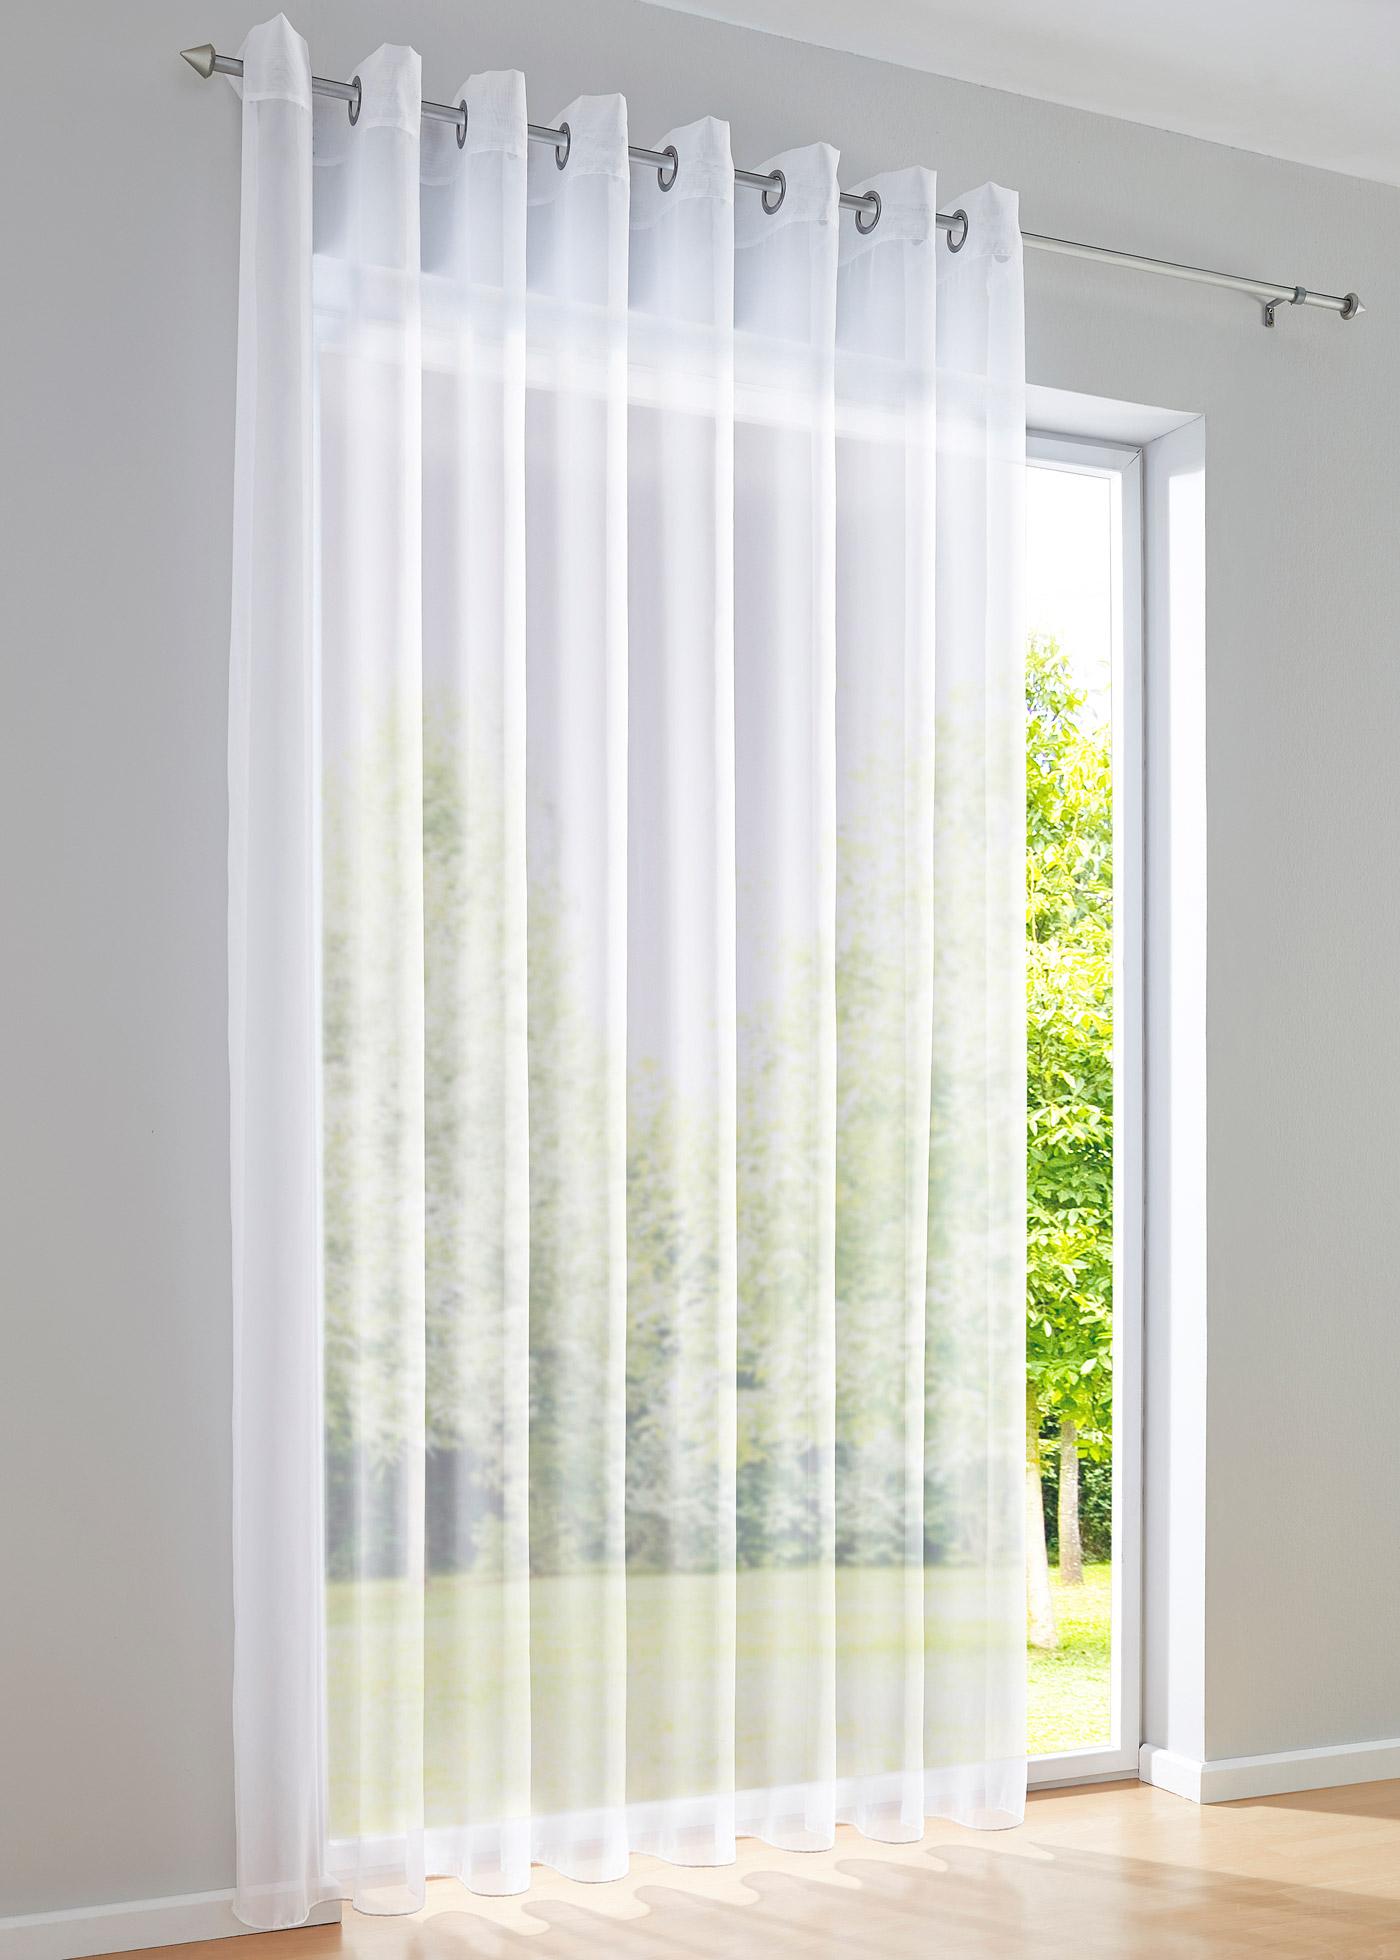 """Style épuré. Décoration de fenêtre en voile uni avec base lestée pour un tombé magnifique, accrochage par galon fronceur. Nous conseillons de commander 3 fois la largeur de votre fenêtre, dimensions = dimensions du tissu, lavable et facile d""""entretie"""